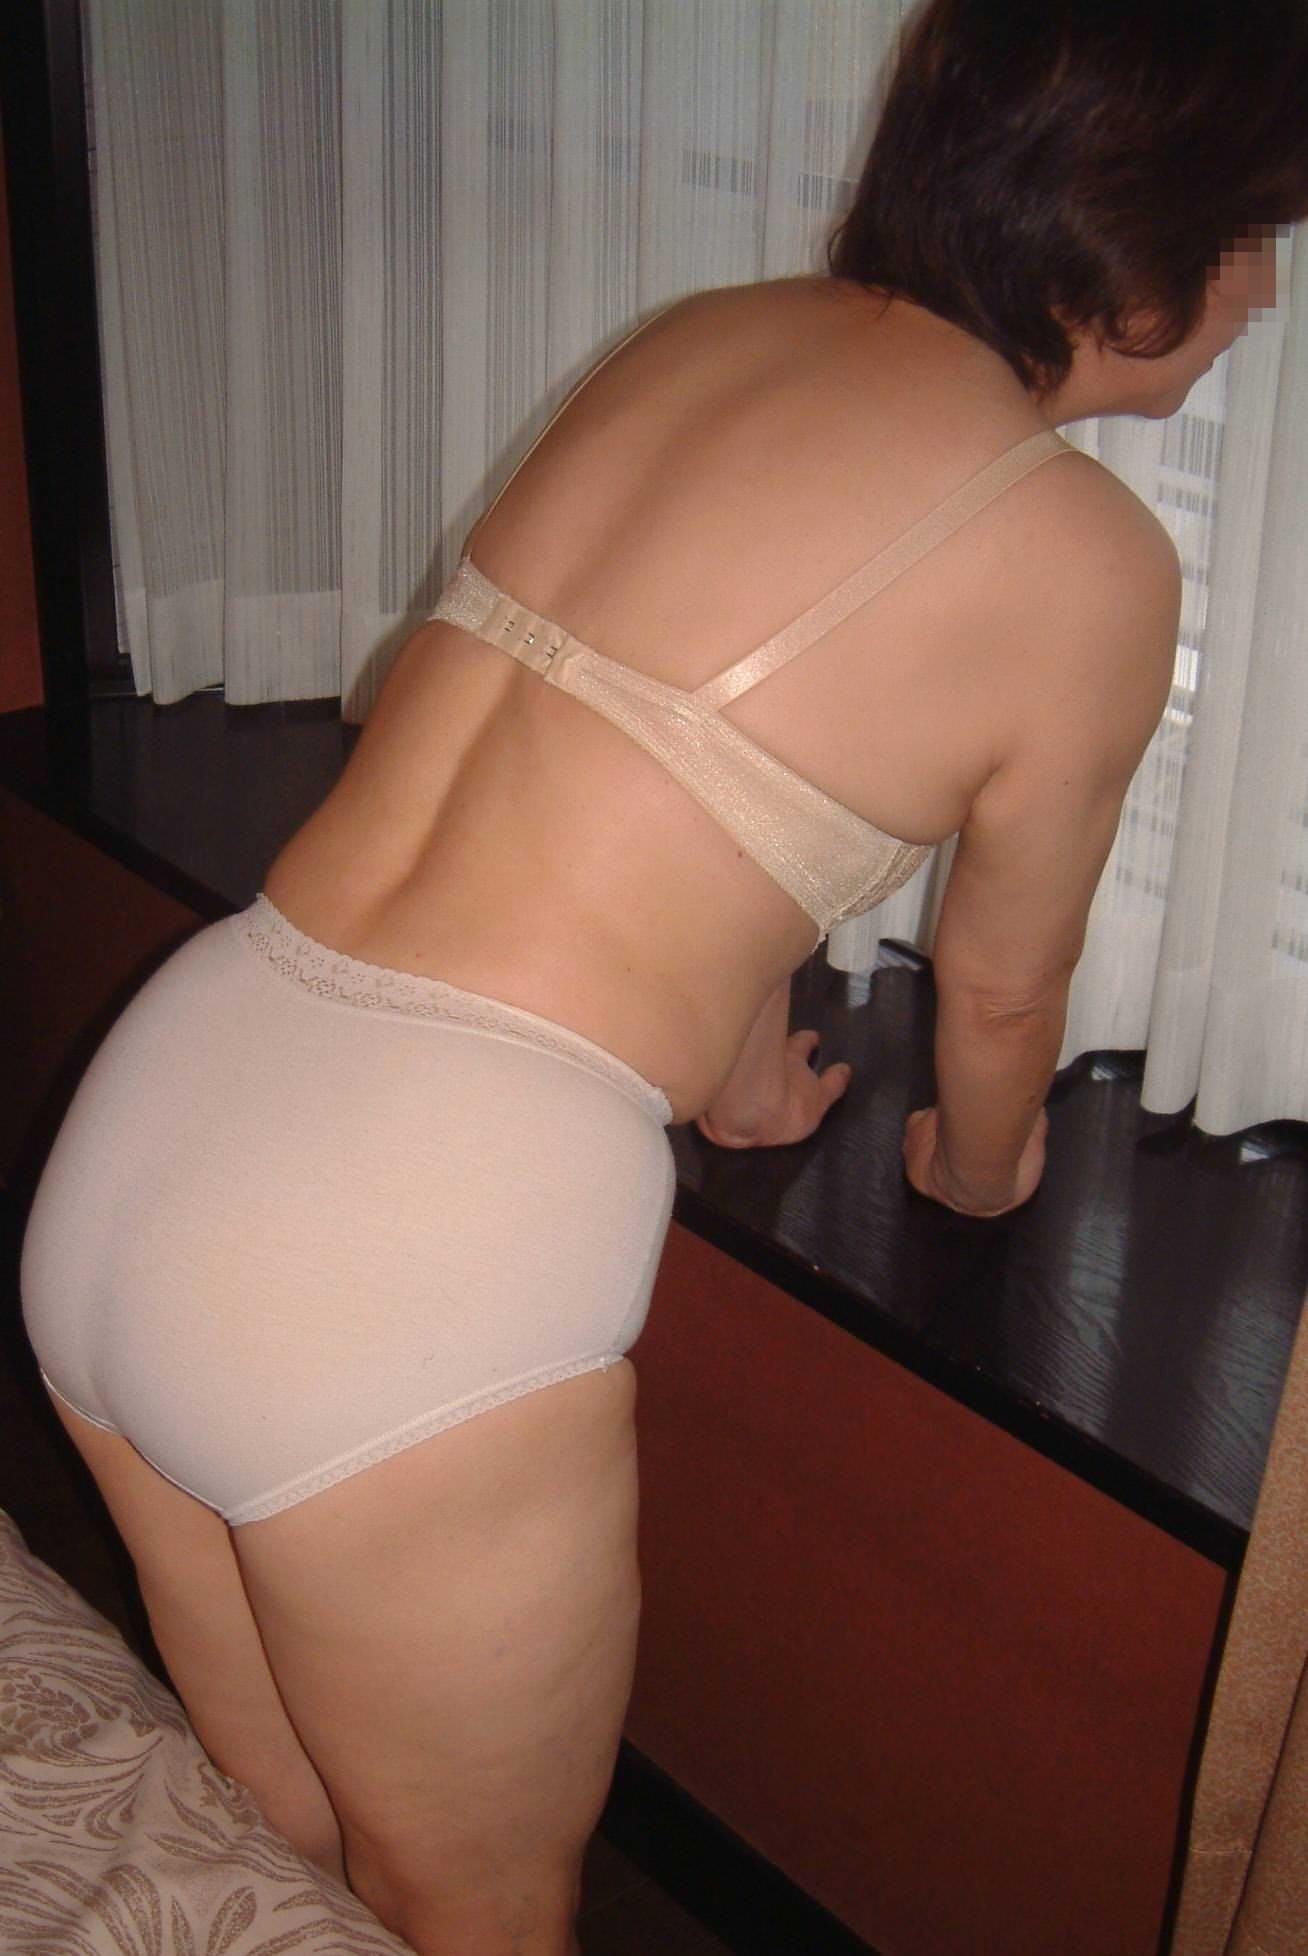 不倫中の素人妻の下着姿wwww育ちすぎた熟女の体がエロ過ぎるwwwwwエロ画像 2531